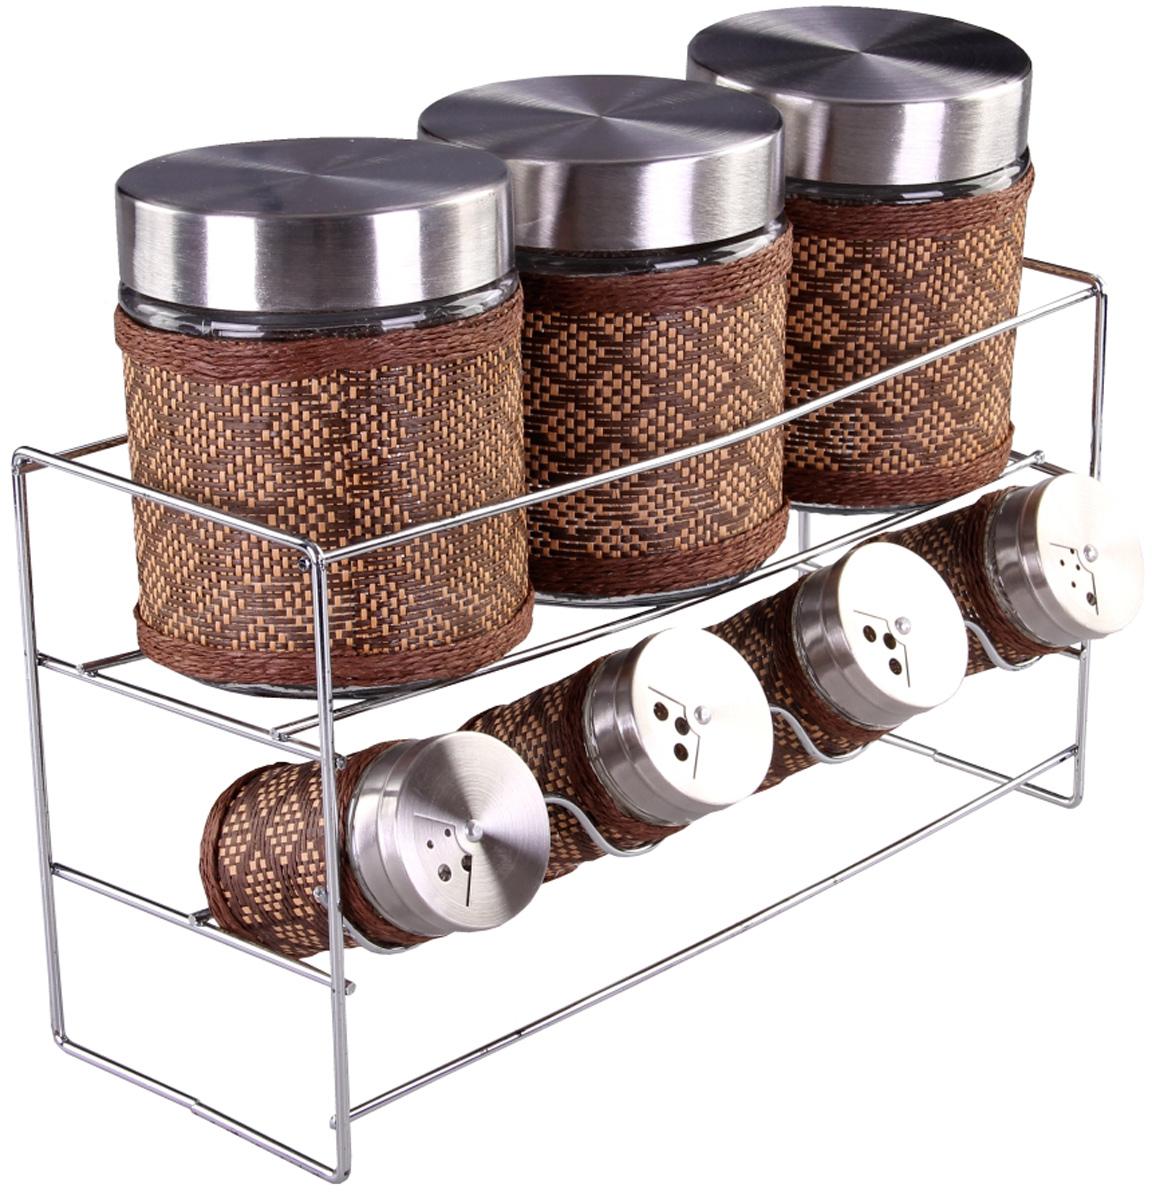 Набор банок для сыпучих продуктов и специй Patricia, с подставкой, 8 предметов. IM99-3922IM99-3922Набор Patricia состоит из 4 банок для специй и 3 для сыпучих продуктов. Банки выполнены из высококачественного стекла и декорированы оригинальной вставкой. Крышки, выполненные из металла, плотно закрываются и предотвращают высыпание специй. Имеются регулируемые отверстия, с помощью которых можно обильно или слегка приправить блюдо. Баночки идеально подойдут для соли, перца и других специй. Изделия размещаются на специальной подставке. Оригинальный набор эффектно украсит интерьер кухни, а также станет незаменимым помощником в приготовлении ваших любимых блюд. С таким набором специи надолго сохранят свежесть, аромат и пряный вкус. Не рекомендуется мыть в посудомоечной машине и использовать в микроволновой печи. Высота баночек (с учетом крышек): 8,5 см, 12,5 см. Диаметр баночек: 3,5 см, 8 см. Размер подставки: 32 х 11 х 17 см.